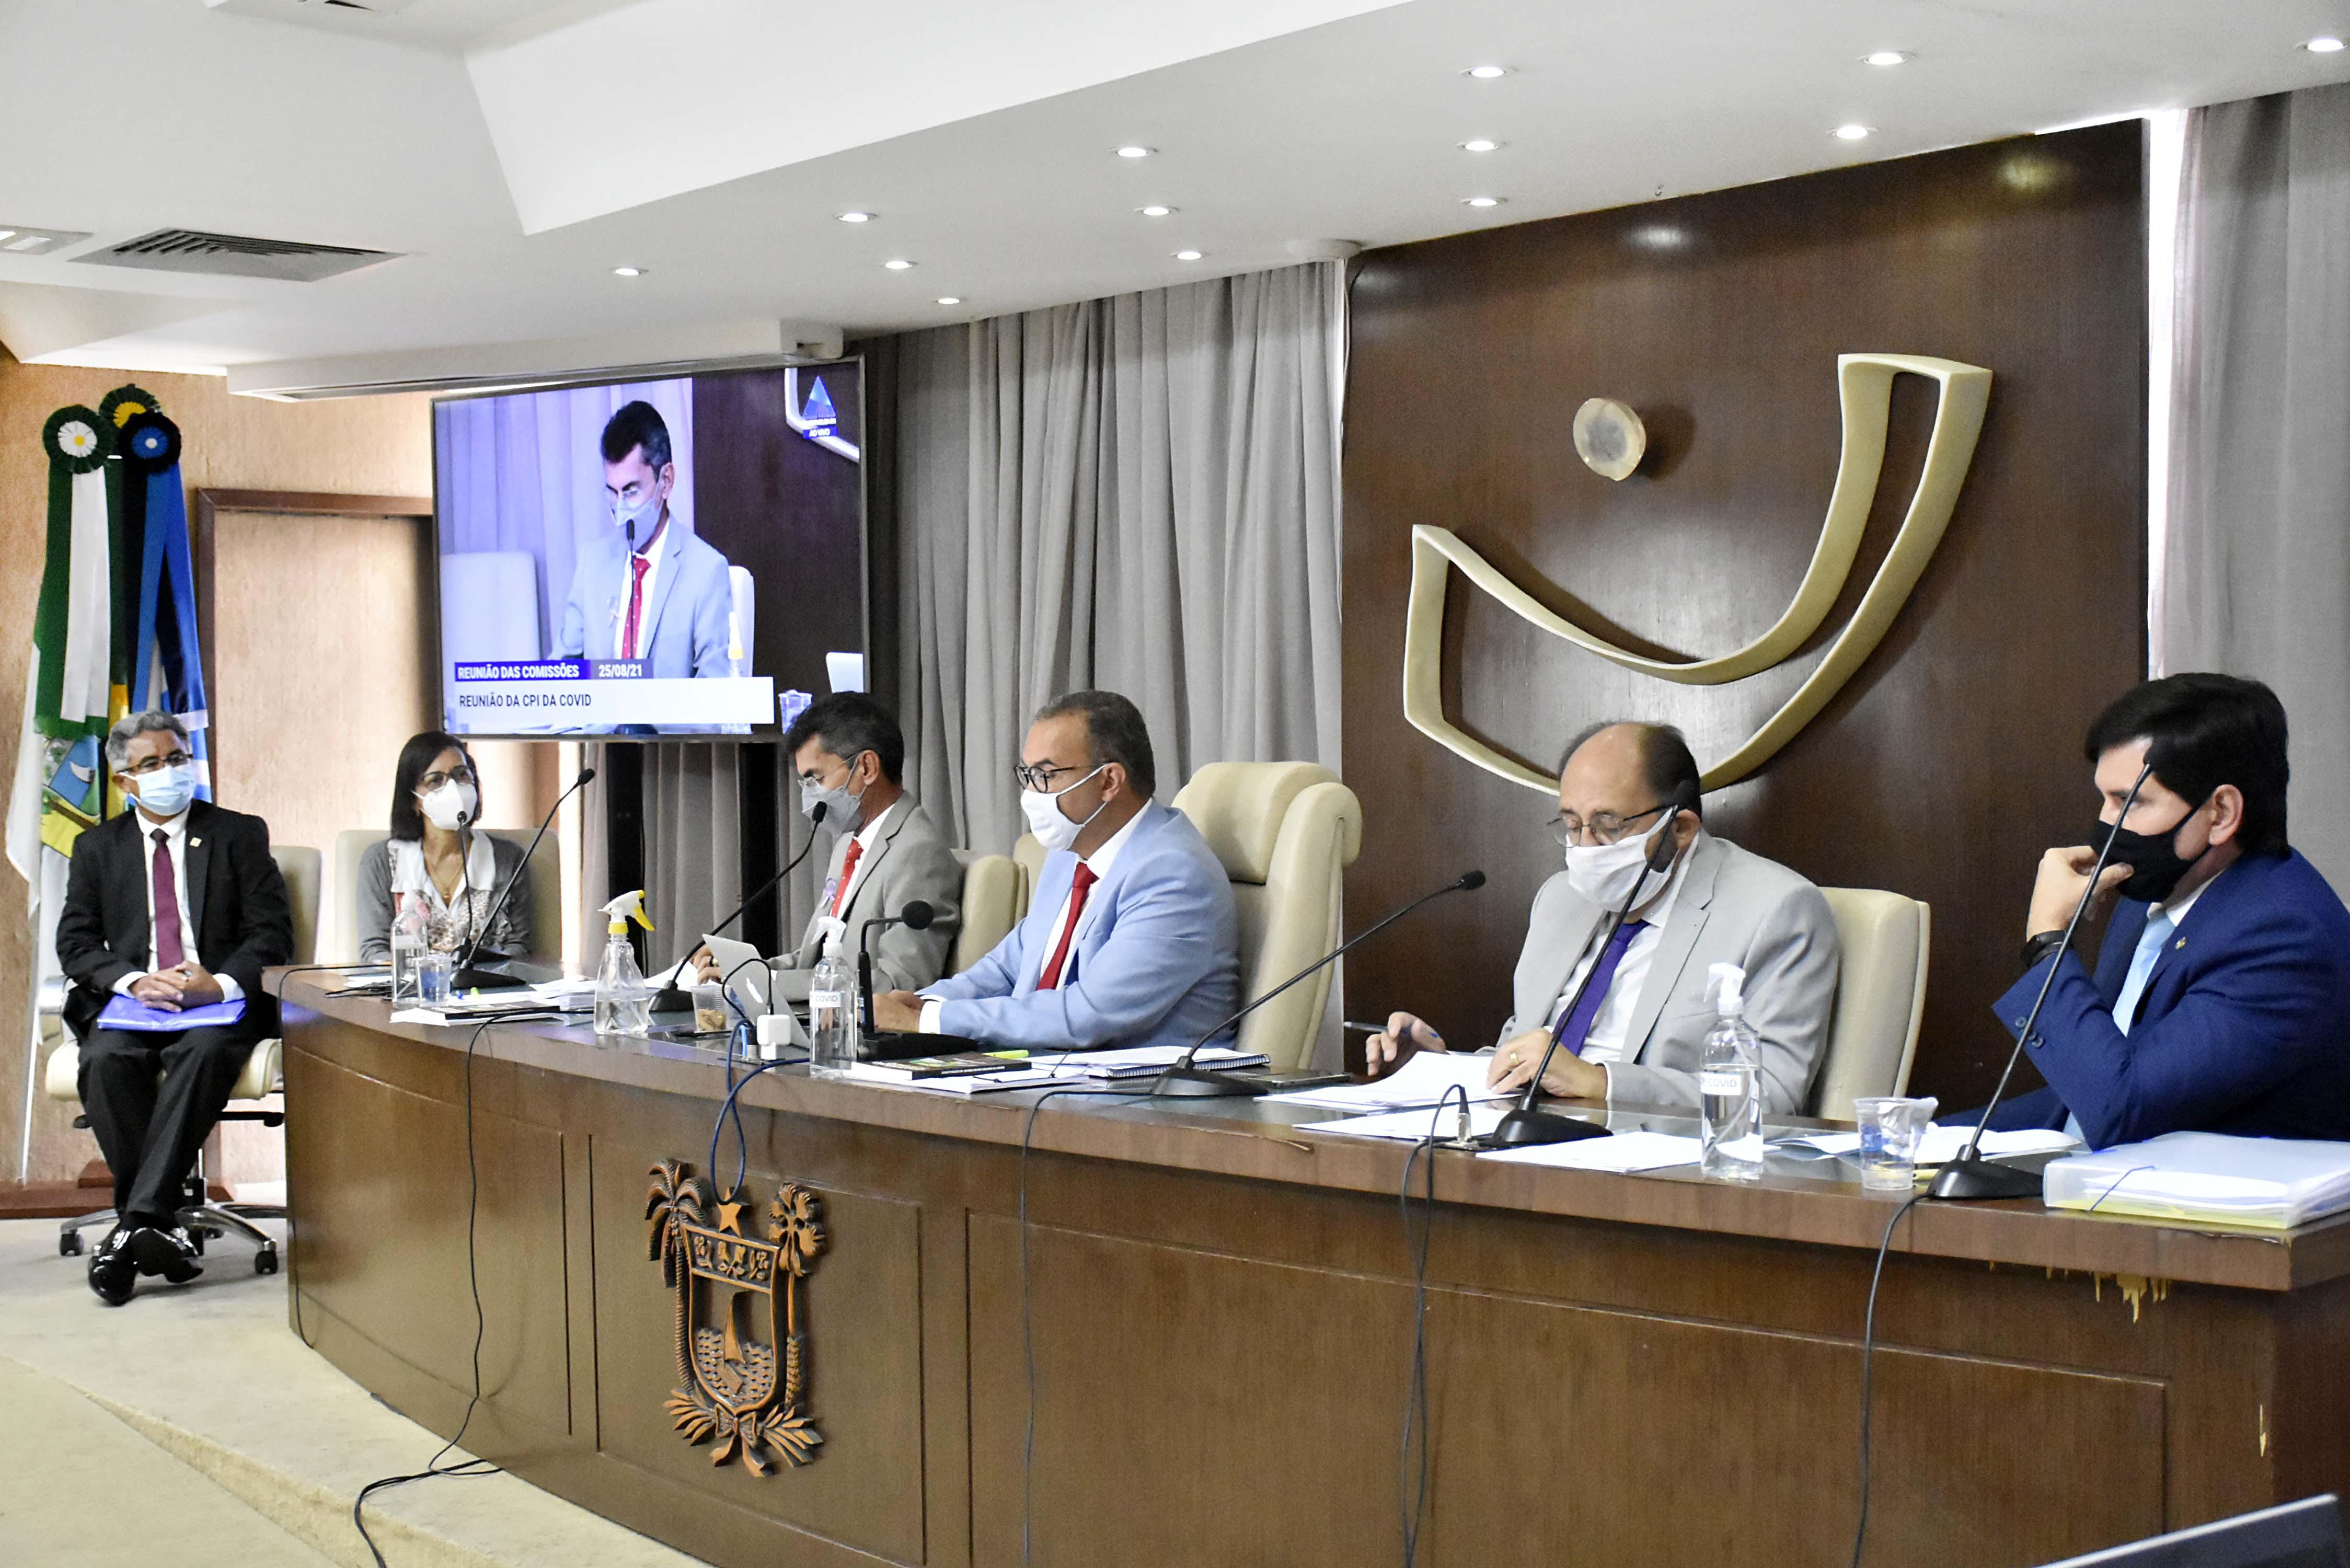 Compra de EPIs é discutida em reunião da CPI da Covid na ALRN